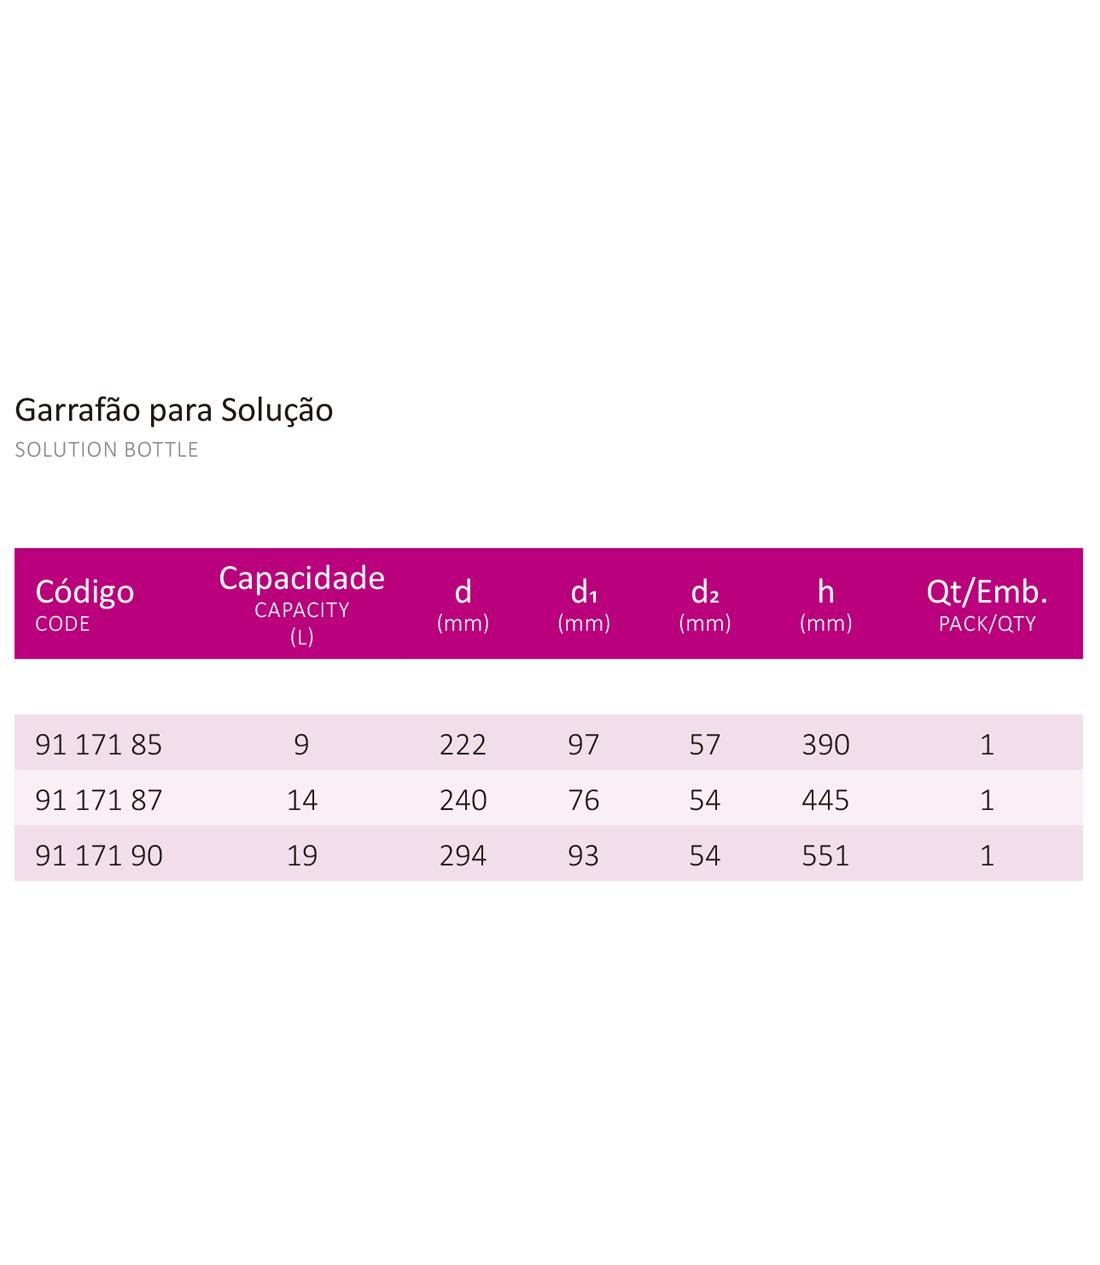 GARRAFAO PARA SOLUCAO  14 L - Laborglas - Cód. 9117187